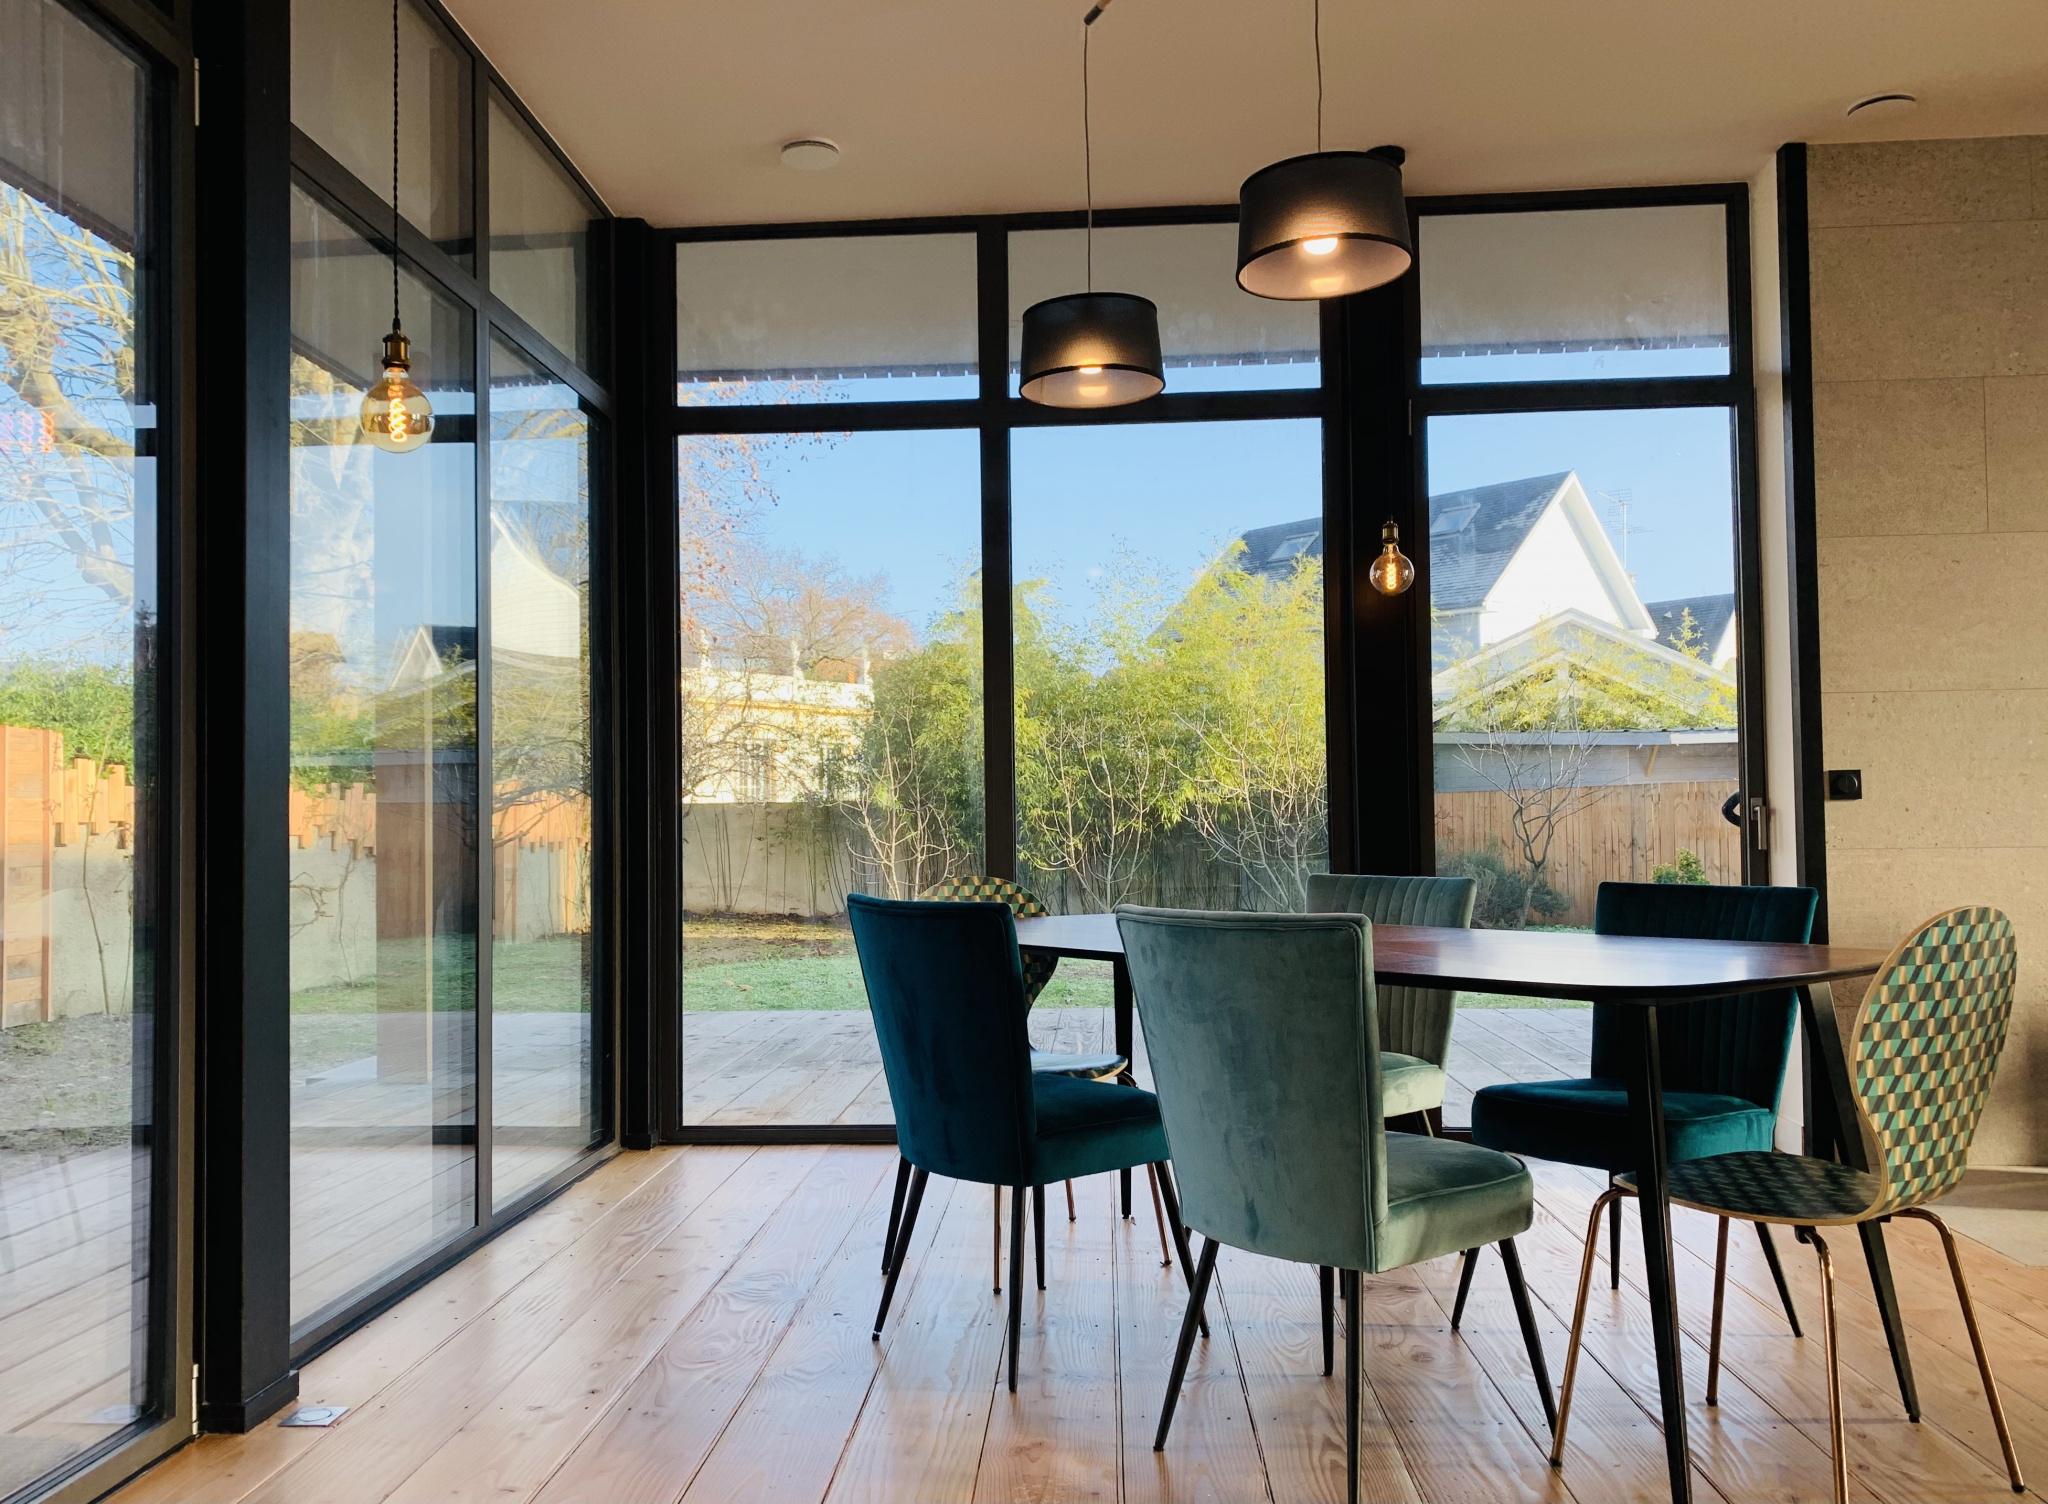 Maison À vendre - Enghien-les-Bains / 95880